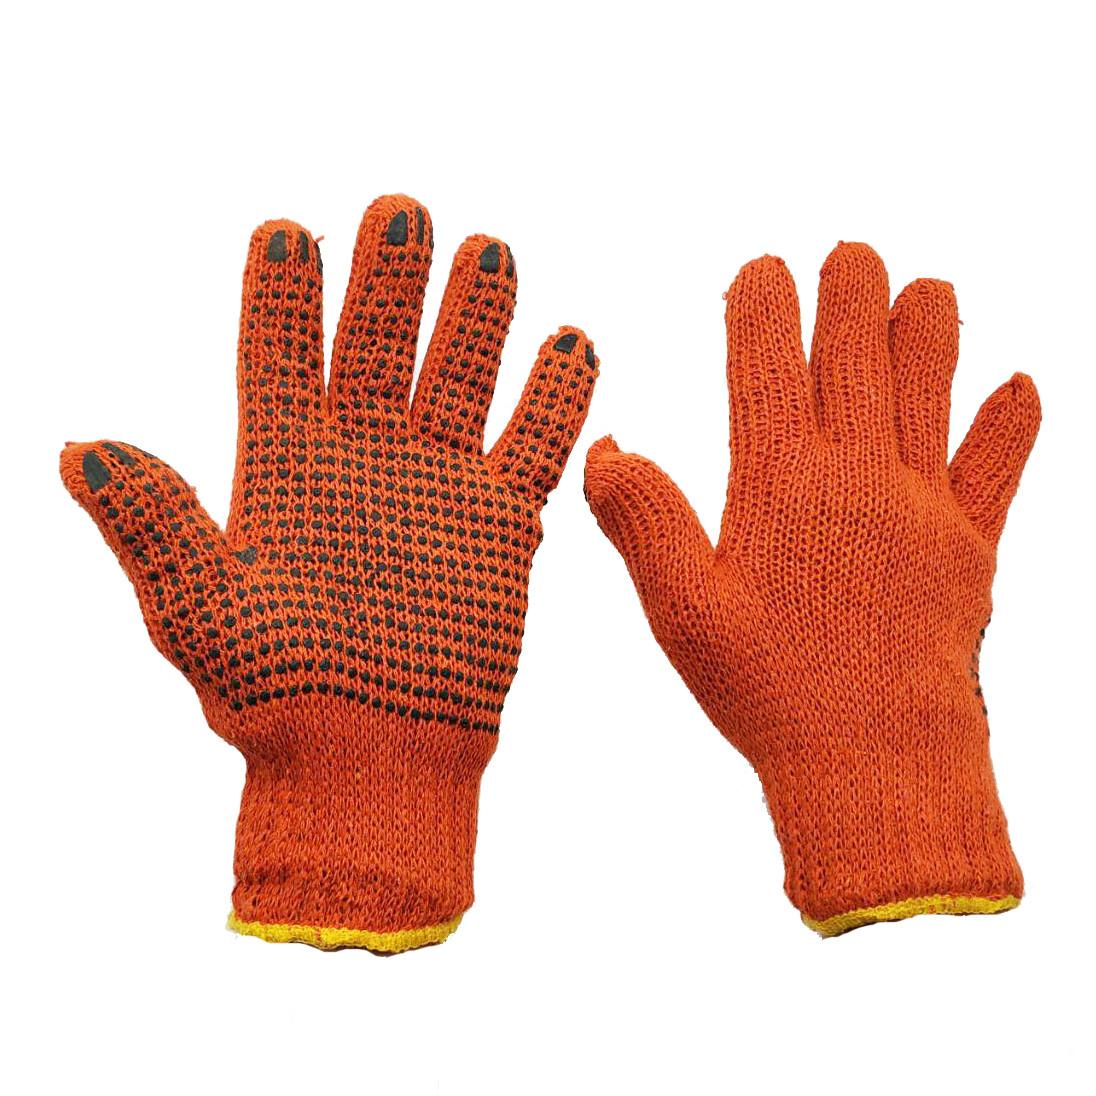 Рукавички робочі помаранчеві трикотажні з ПВХ крапкою 7 клас 2 нитки помаранчеві